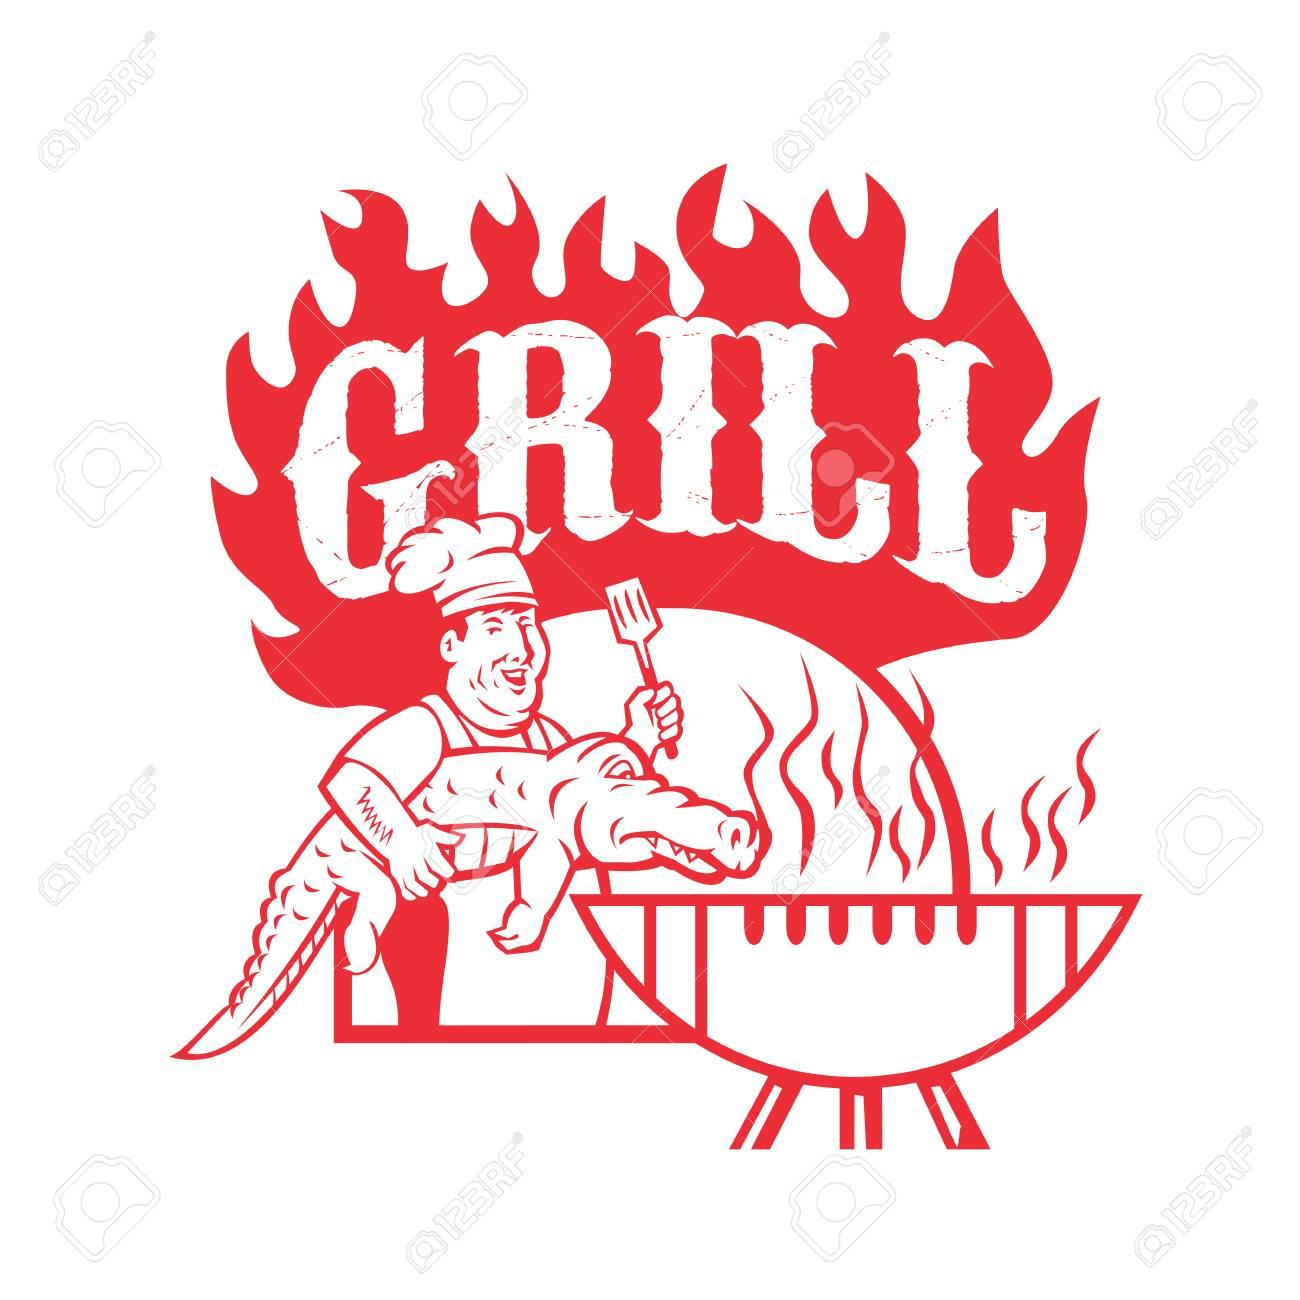 Illustration De Style Rétro D'un Chef De Bbq Transportant Un Gator À  Barbecue Grill Avec Des Mots Grill Sur Fond Isolé. concernant Mots Gator